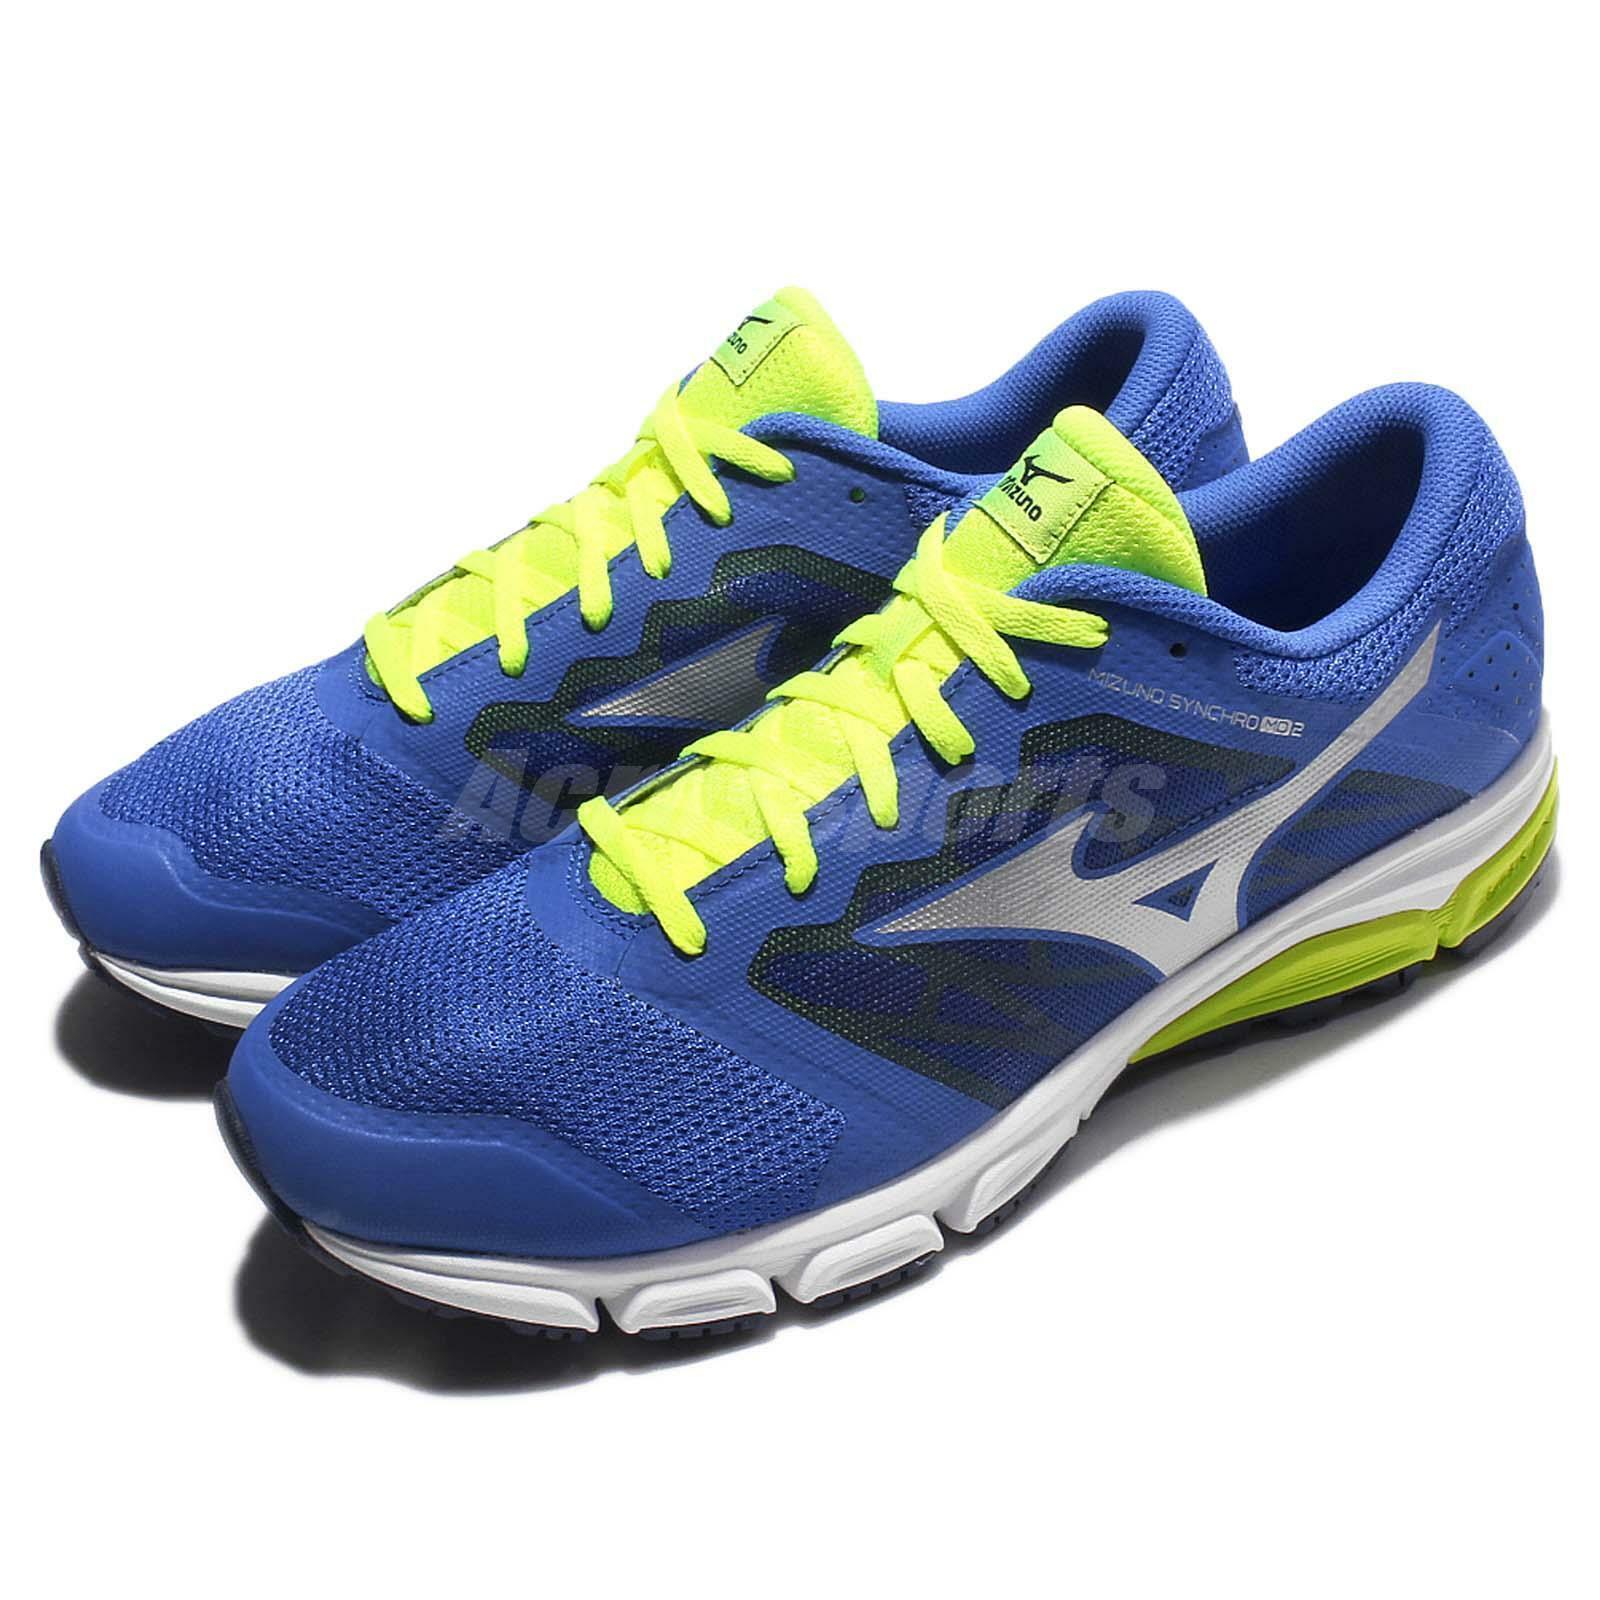 Mizuno Synchro MD 2 Azul  Plata Corriendo Zapatos TENIS J1GE1718-04 amarillo hombres  punto de venta de la marca